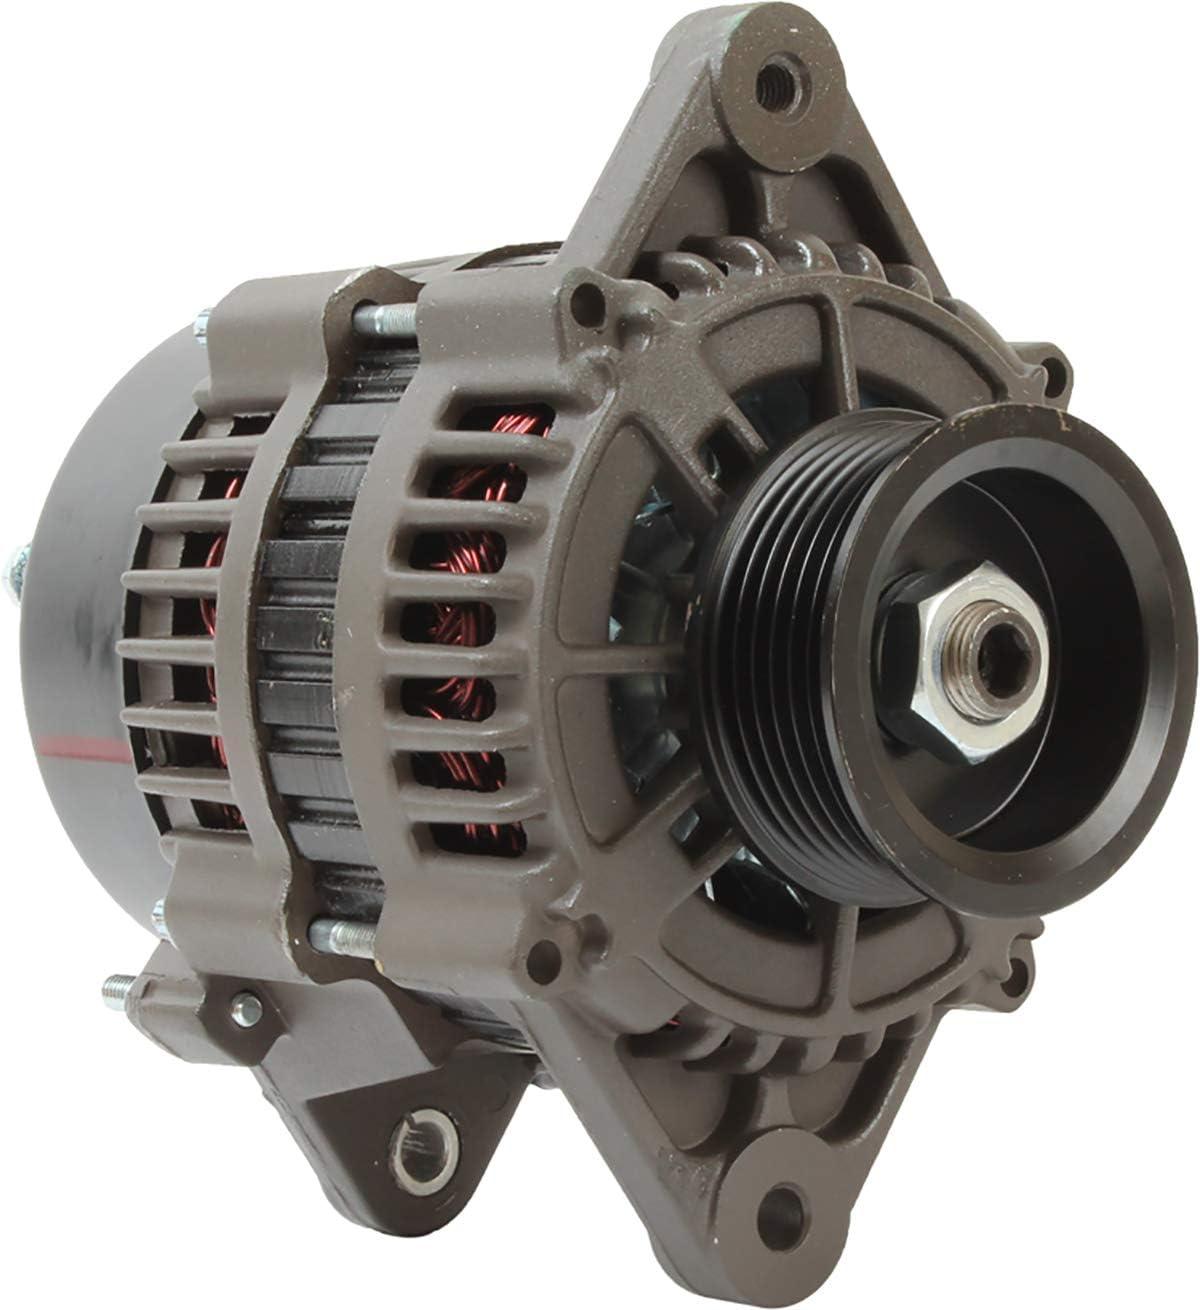 DB Electrical Alternador ADR0299 compatible con/reemplazo para Mercruiser 4.3-5.7 1998-Up 8460, 350 Mag Mpi Horizon, Mercruiser 6.2-7.4L 1998-2016, Mercruiser Marine 20099 20800 113685 2192333333333 2